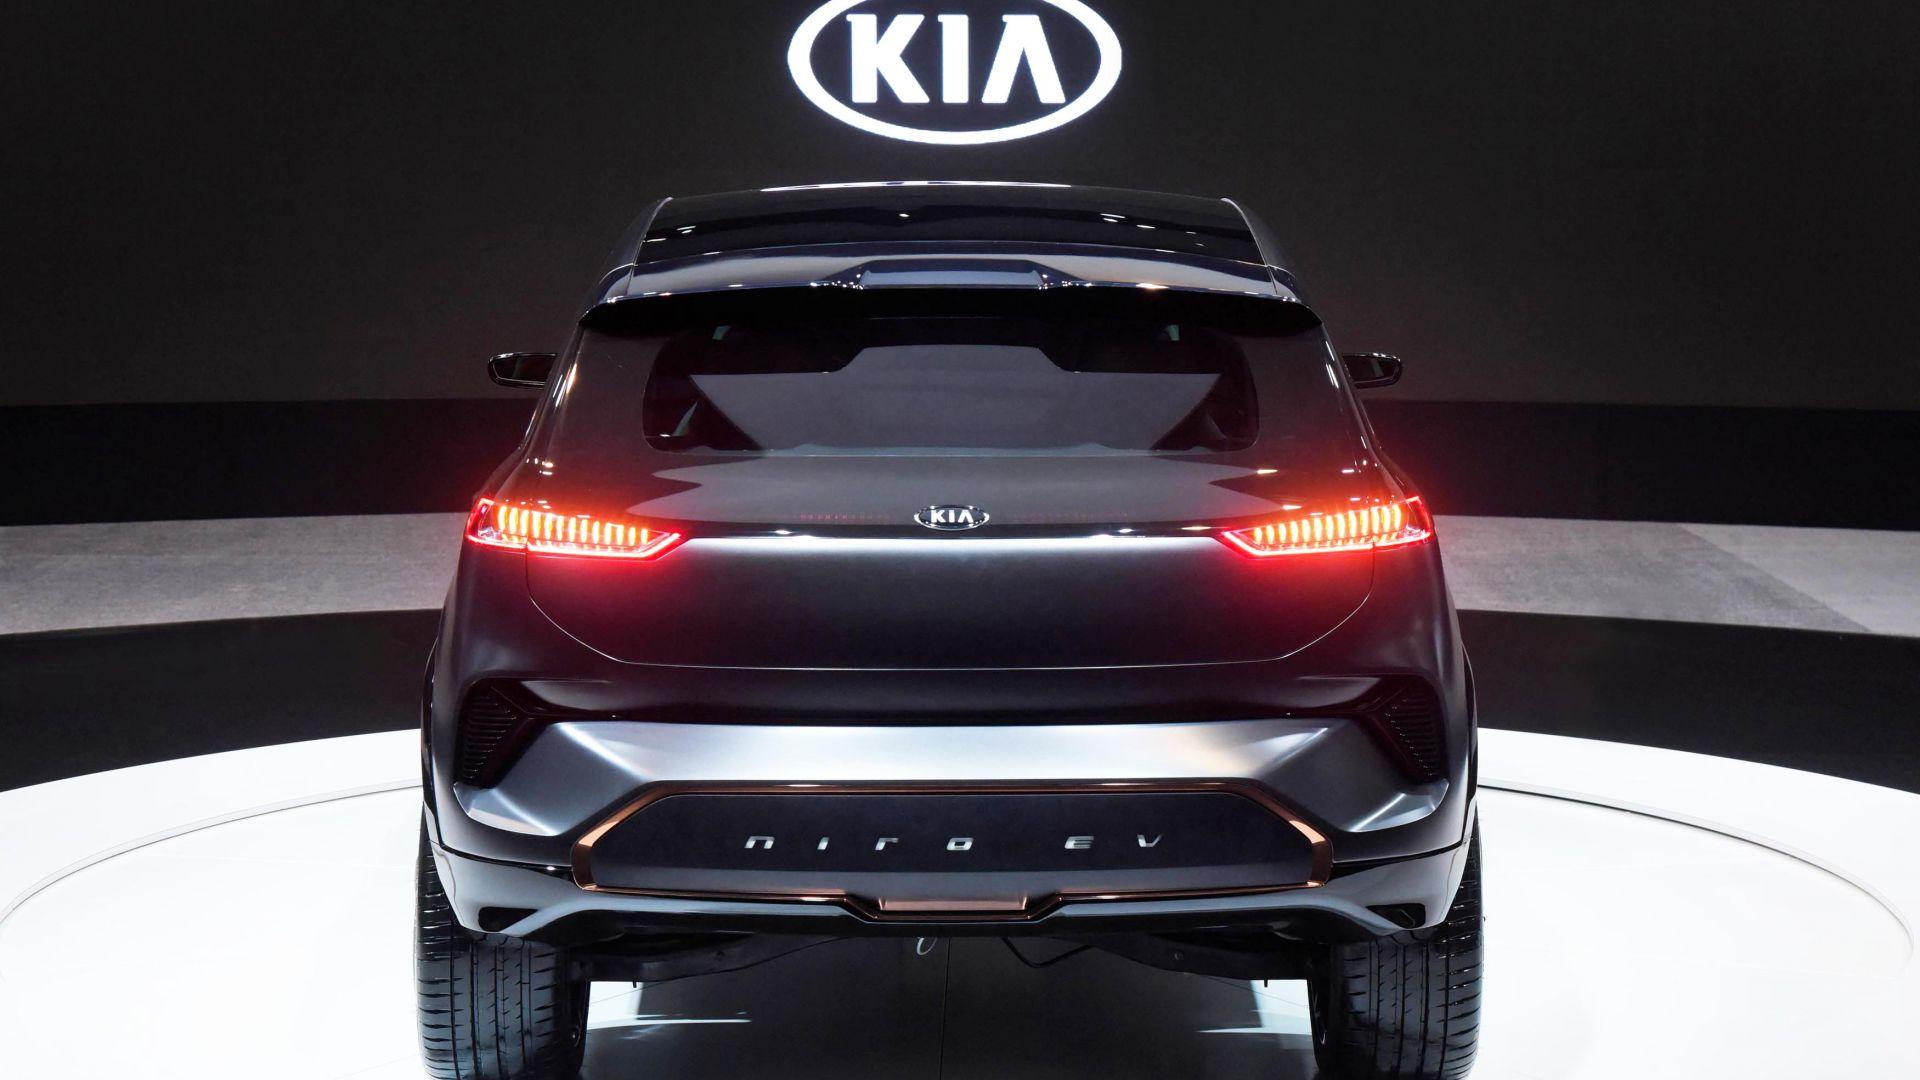 Wallpaper Kia Niro EV CES 2018 electric car 4k Cars & Bikes